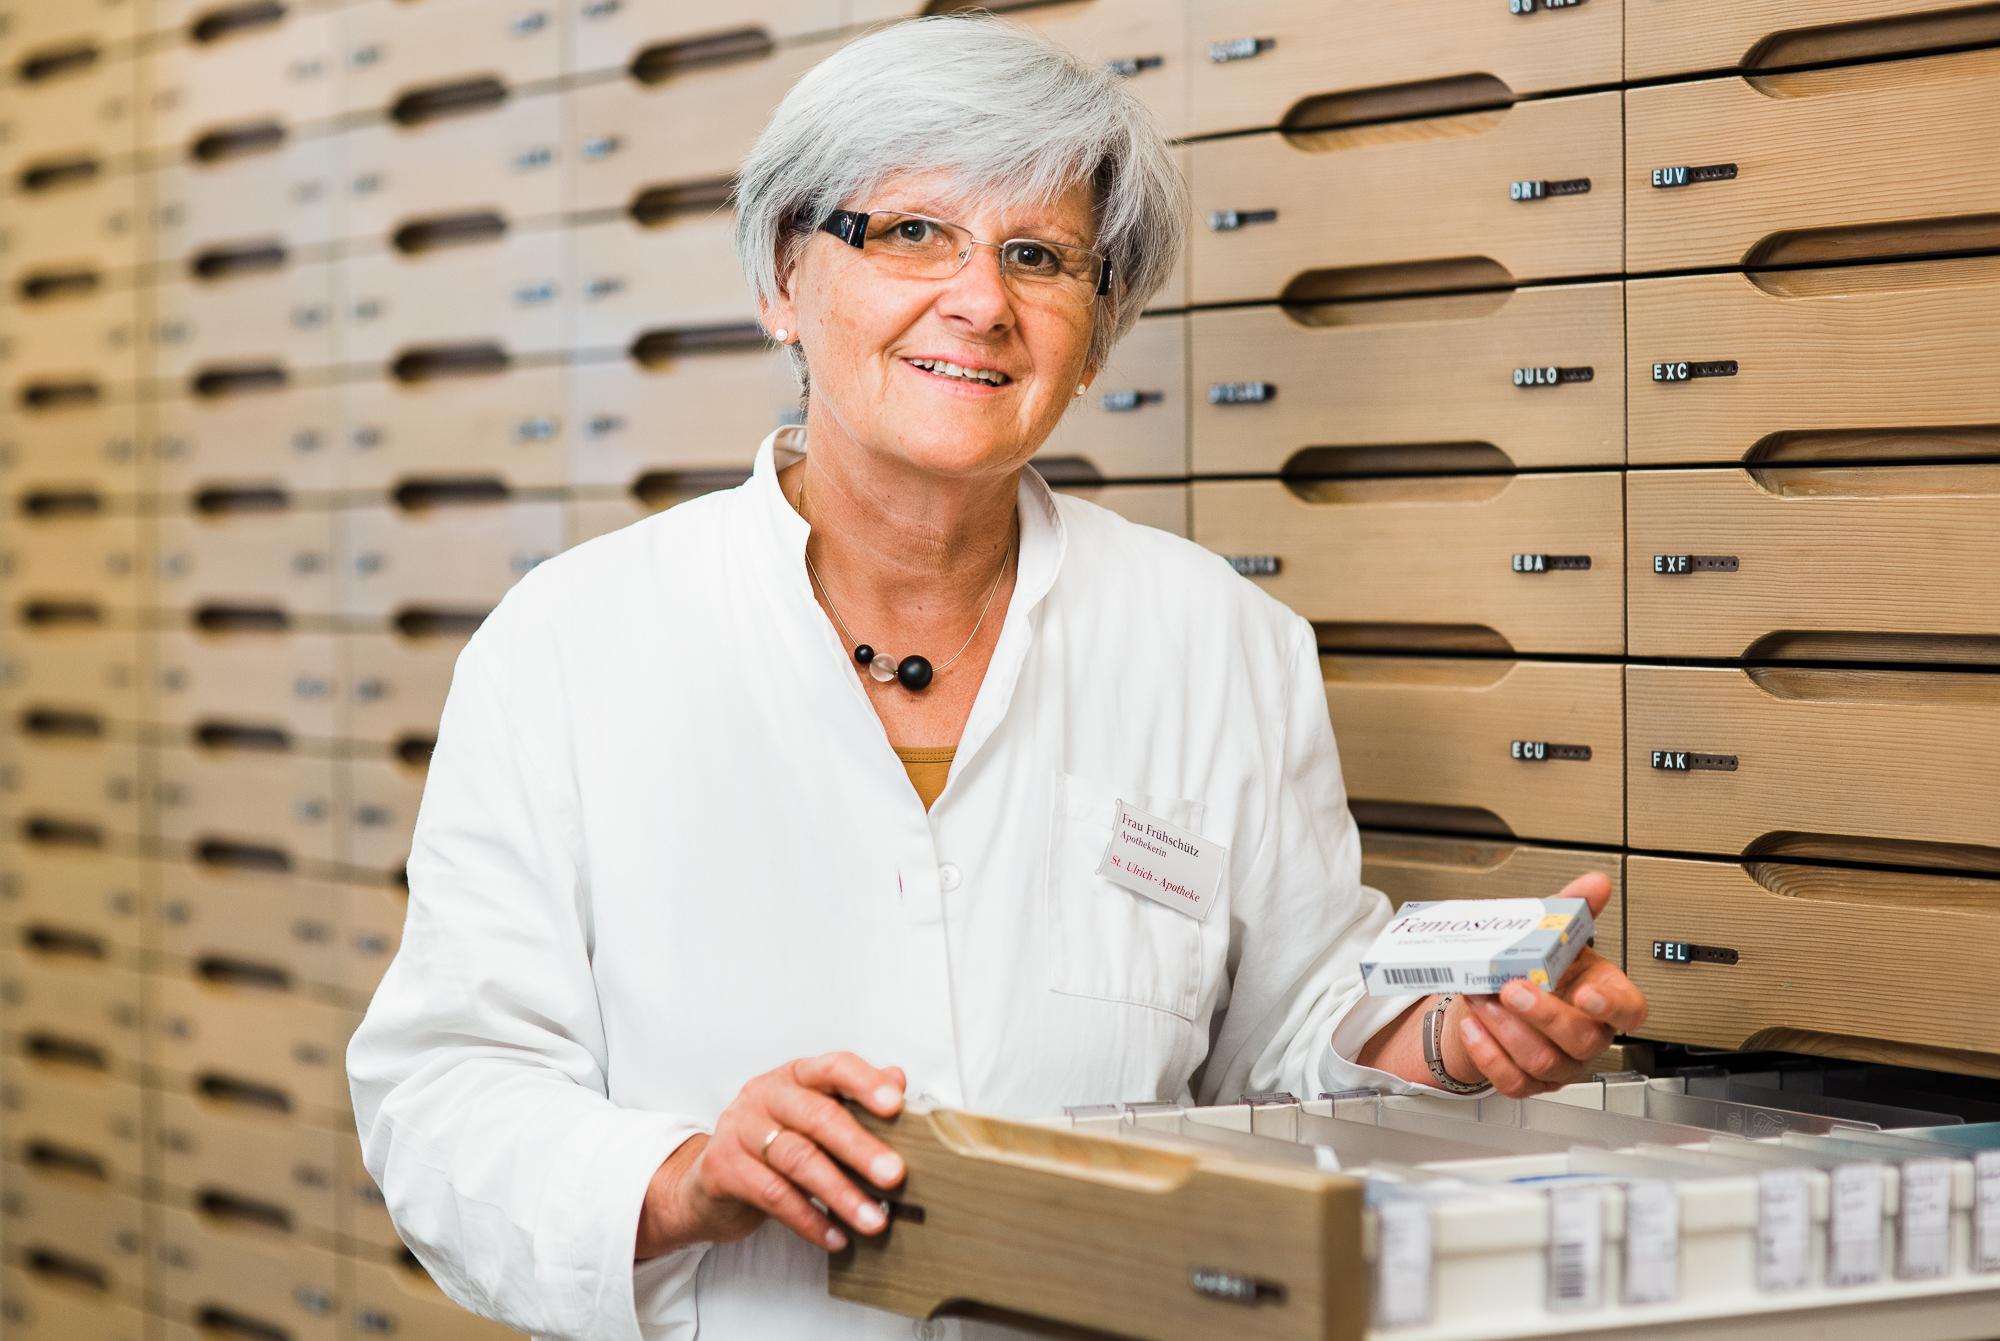 Businessfotografie, Businessfotograf Weilheim-Schongau Portraitbilder Mitarbeiter für St. Ulrich Apotheke